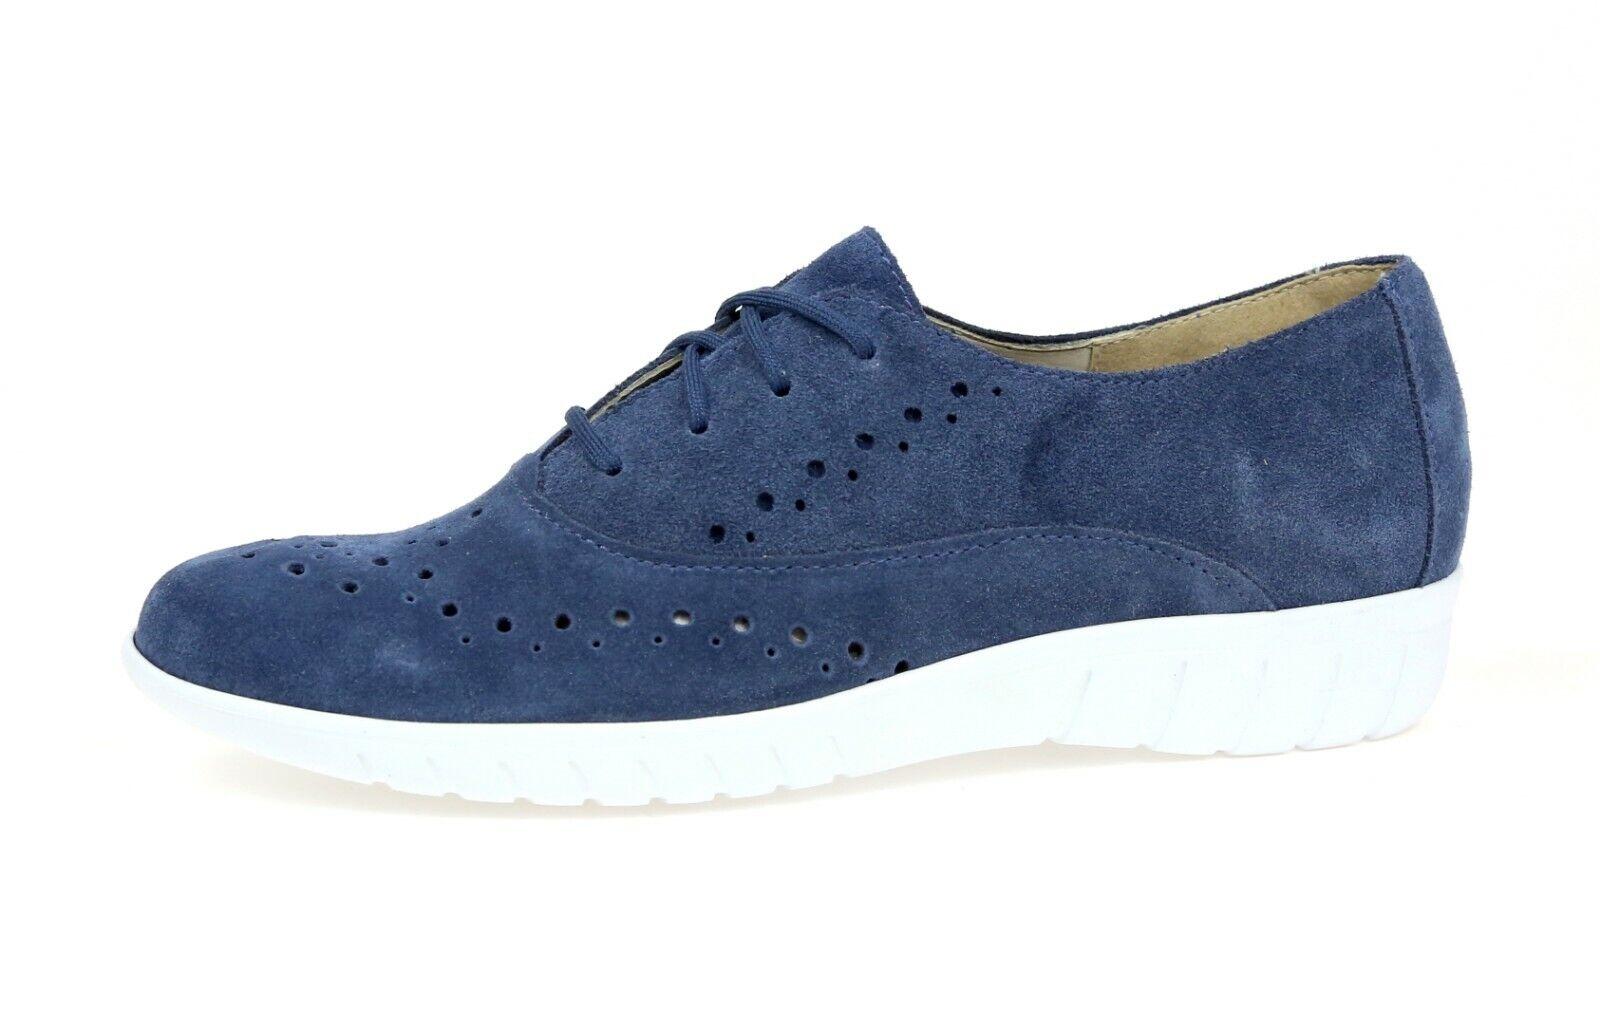 Munro Womens Wellesley bluee Suede Oxford Sneaker Sz 6 N 1259